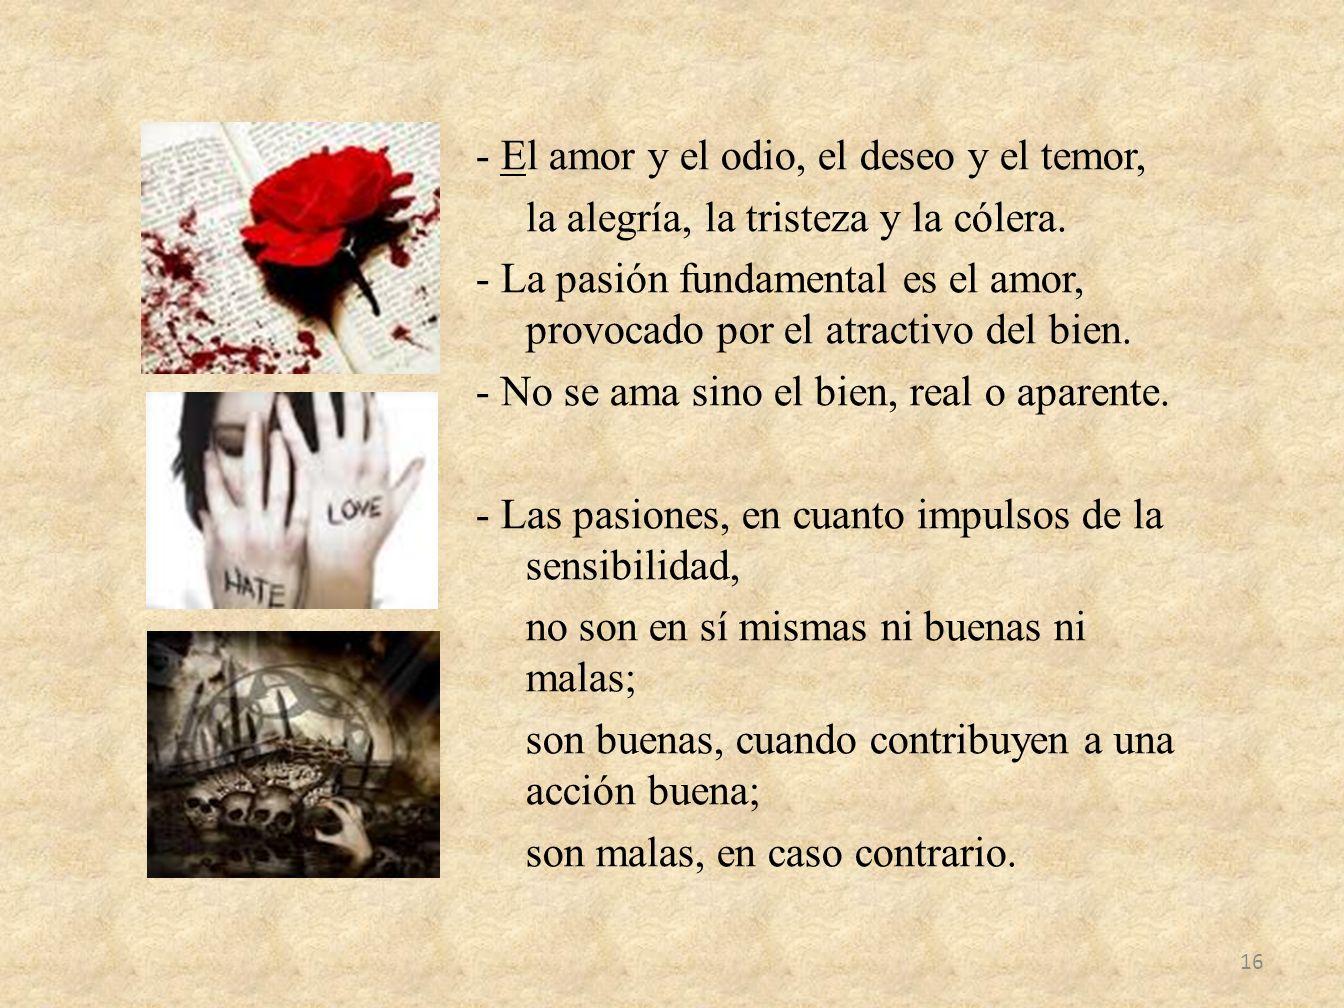 - El amor y el odio, el deseo y el temor, la alegría, la tristeza y la cólera. - La pasión fundamental es el amor, provocado por el atractivo del bien